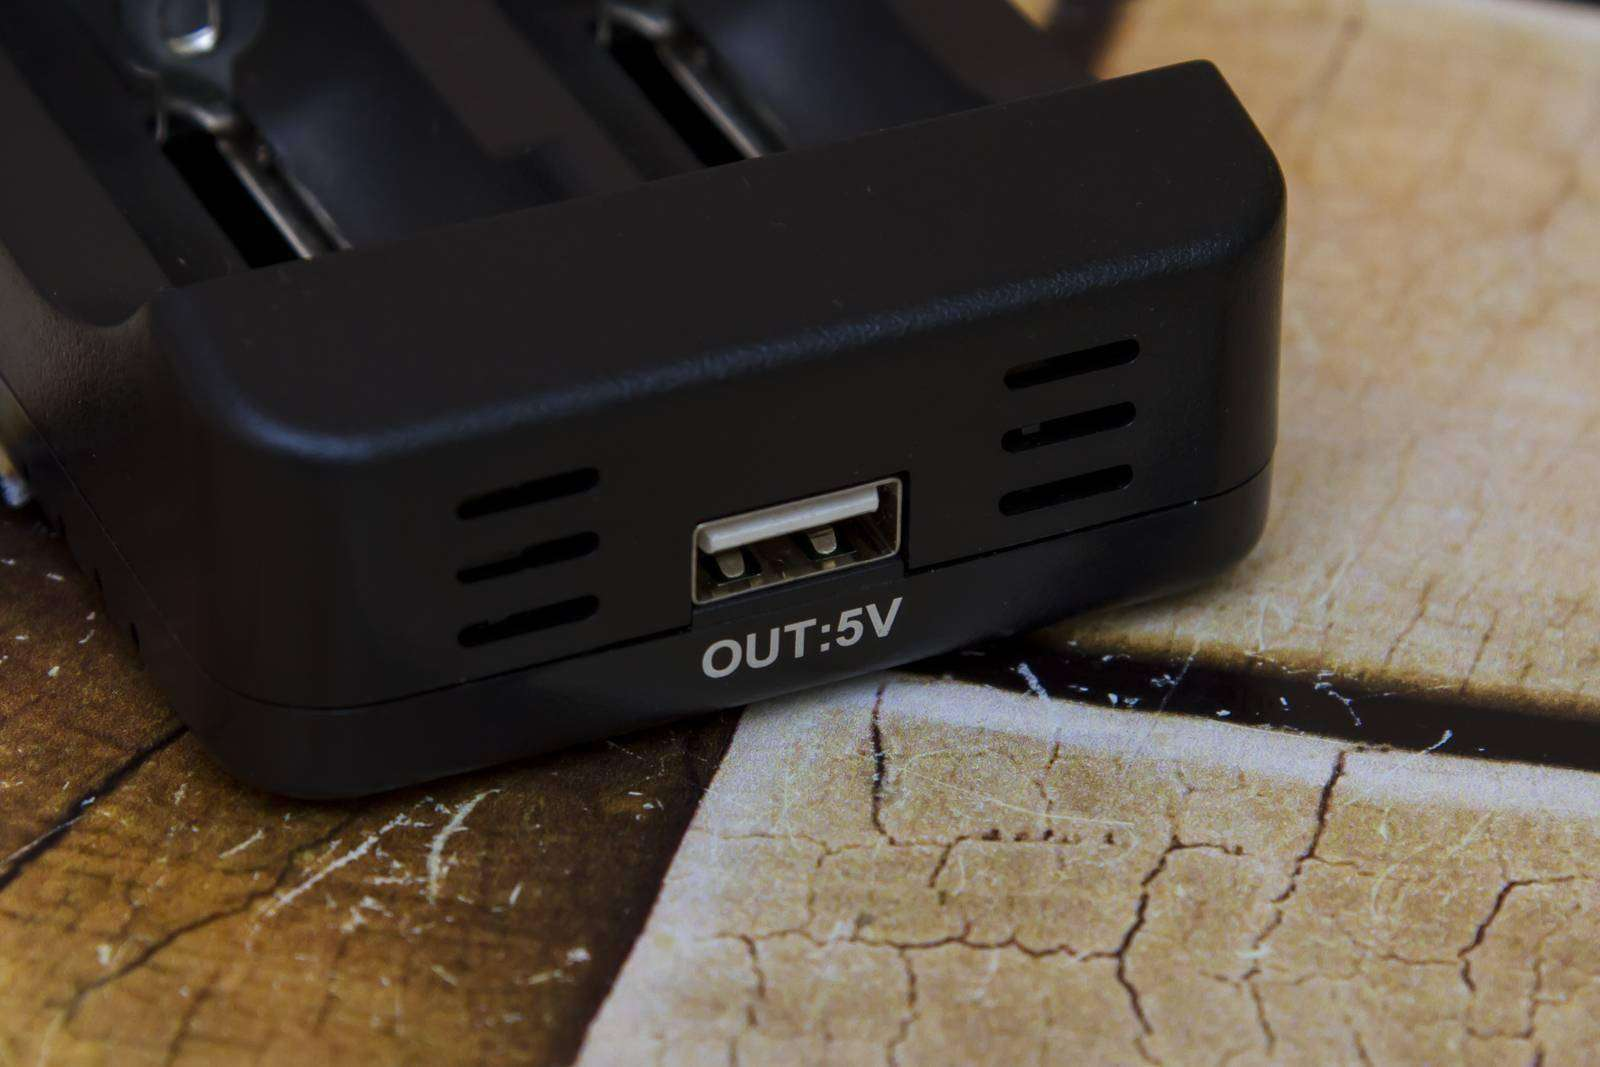 GearBest: Недорогие домашние зарядки, часть 8 - Liitokala Lii - 300